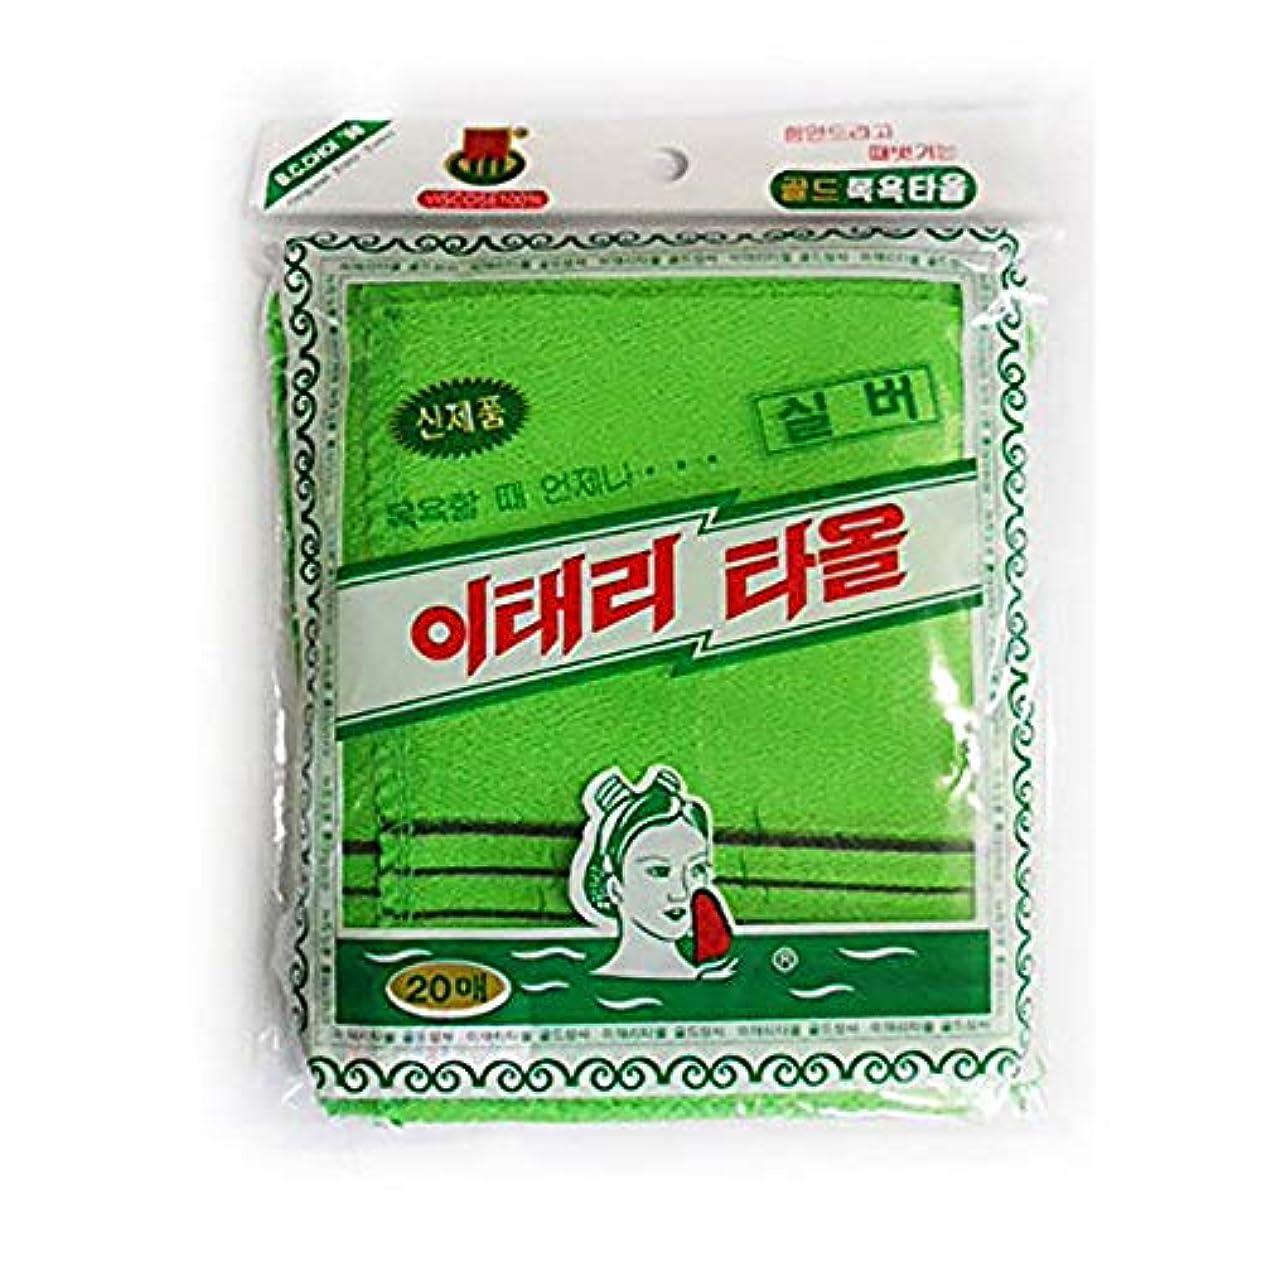 ライバルに勝るペルメルアカスリタオル (韓国式あかすりタオル) 20枚セット